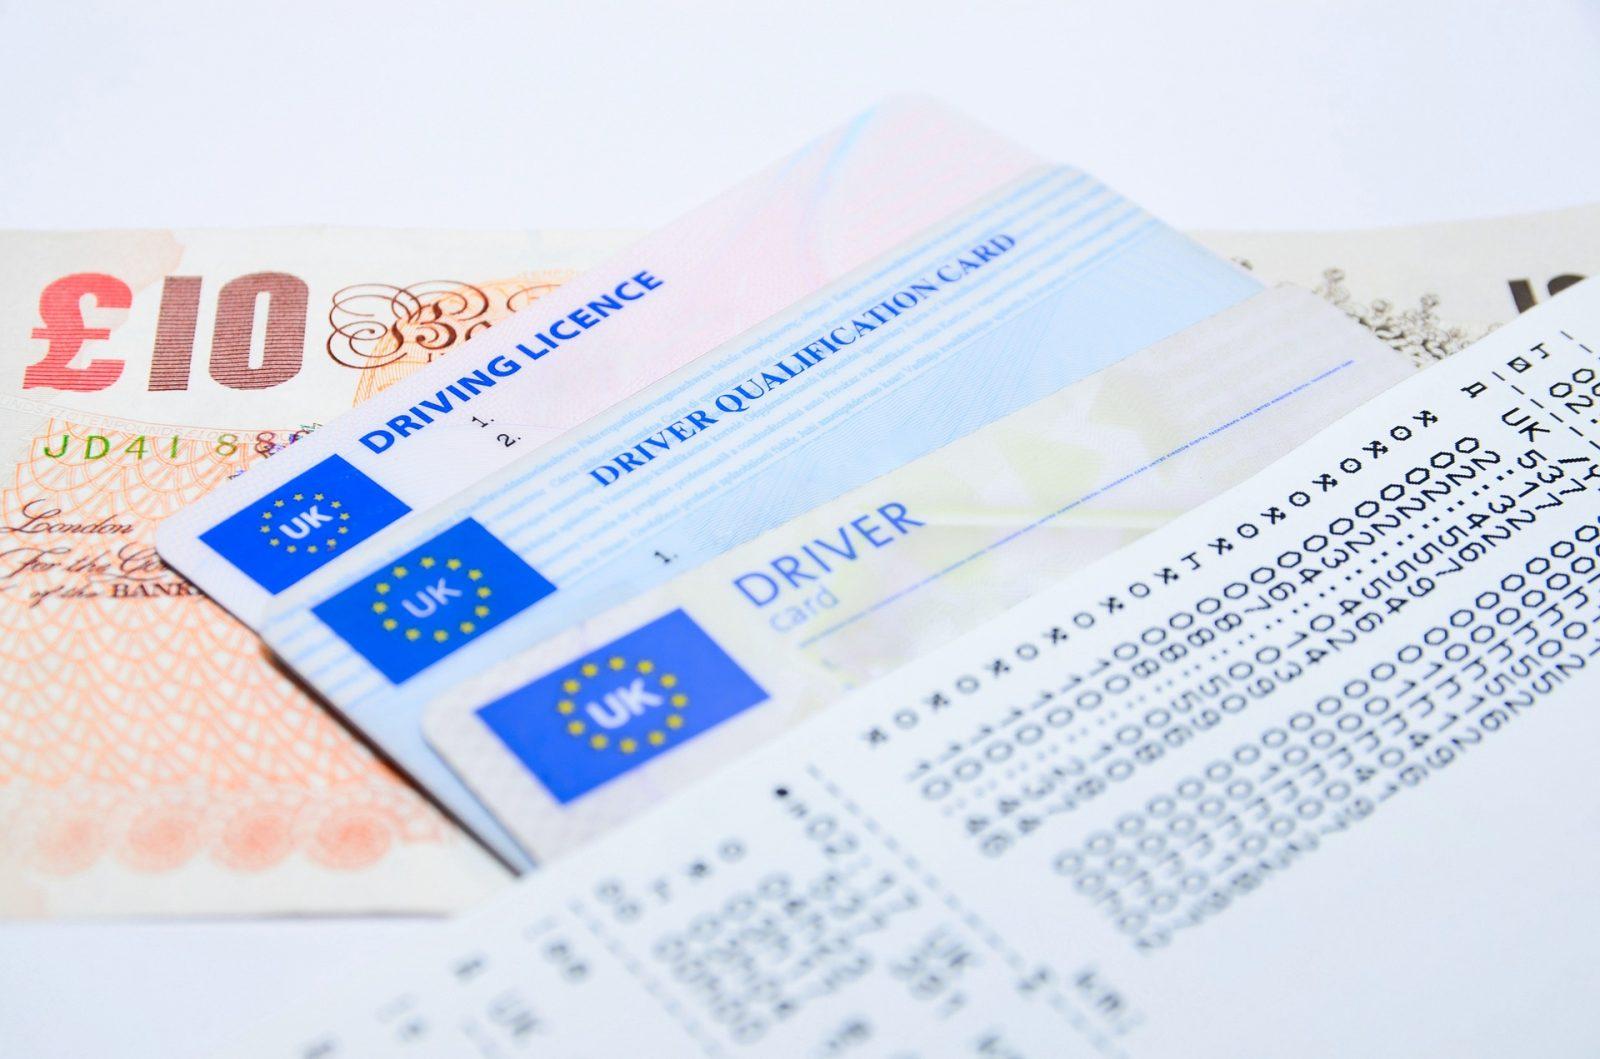 رخصة القيادة في ألمانيا, كيف احصل عليها؟